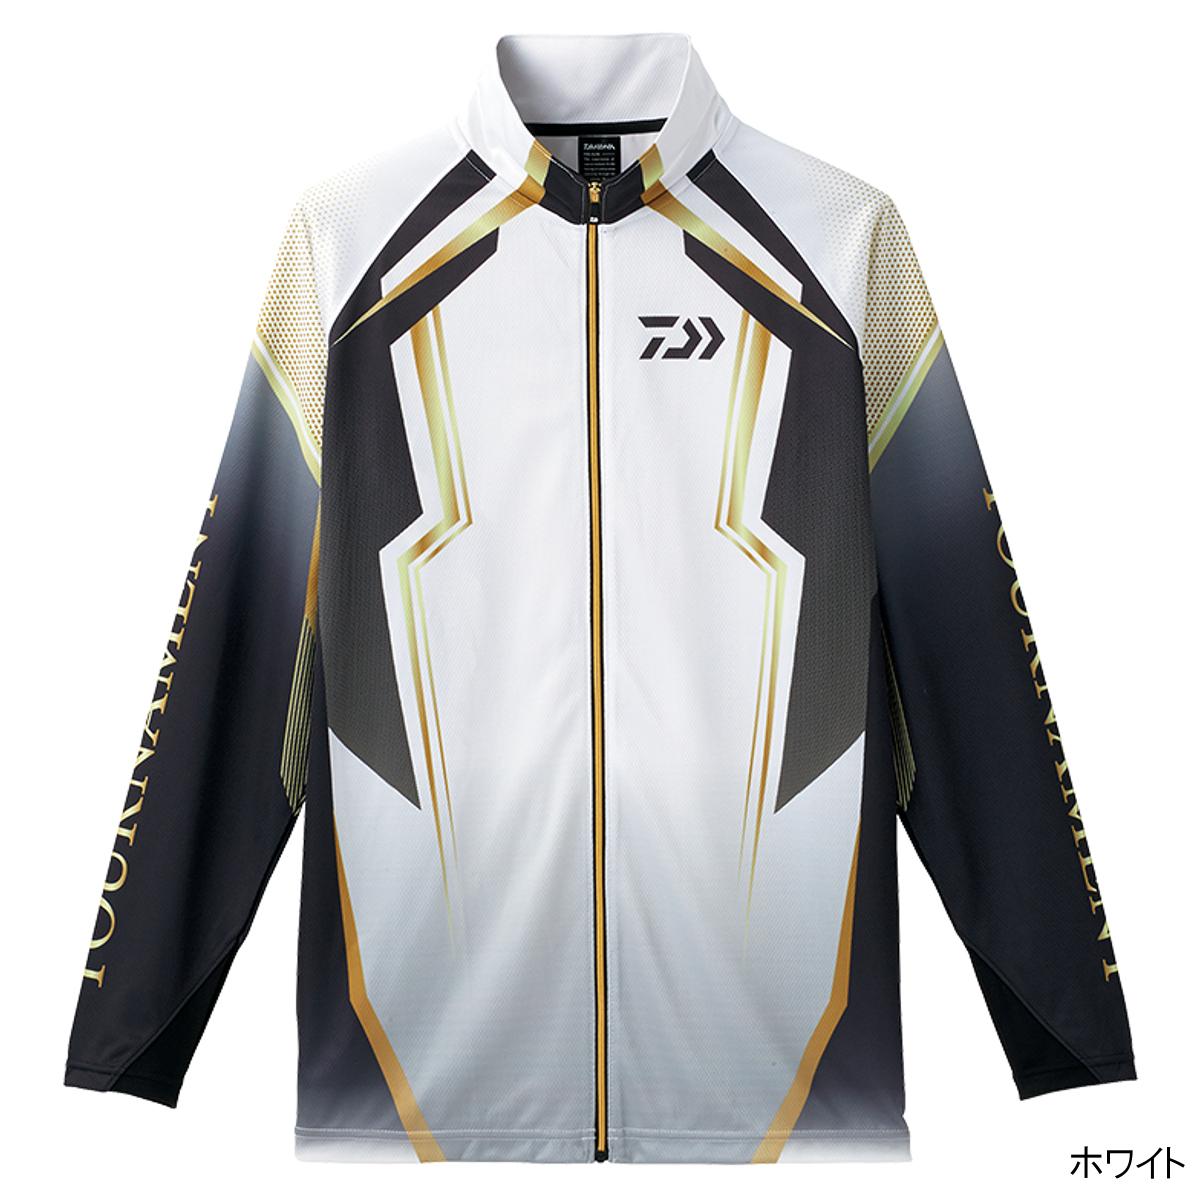 ダイワ トーナメント ドライフルジップ メッシュシャツ DE-73008 L ホワイト(東日本店)